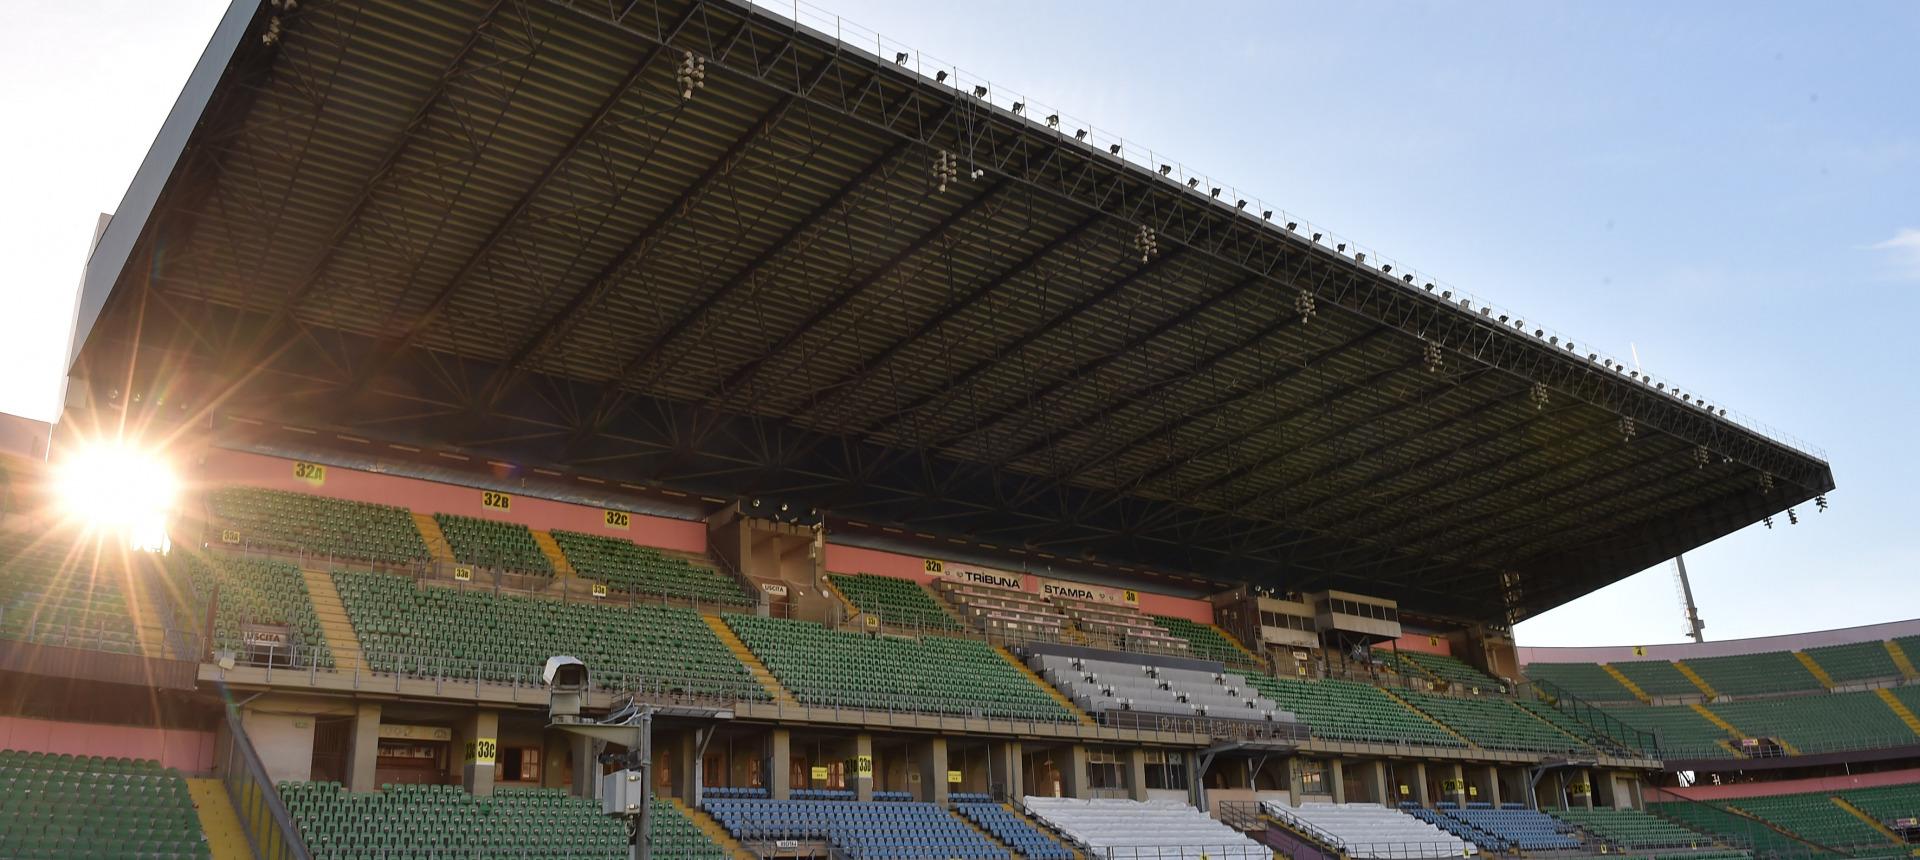 Coppa Italia, Palermo-Monopoli: info biglietti